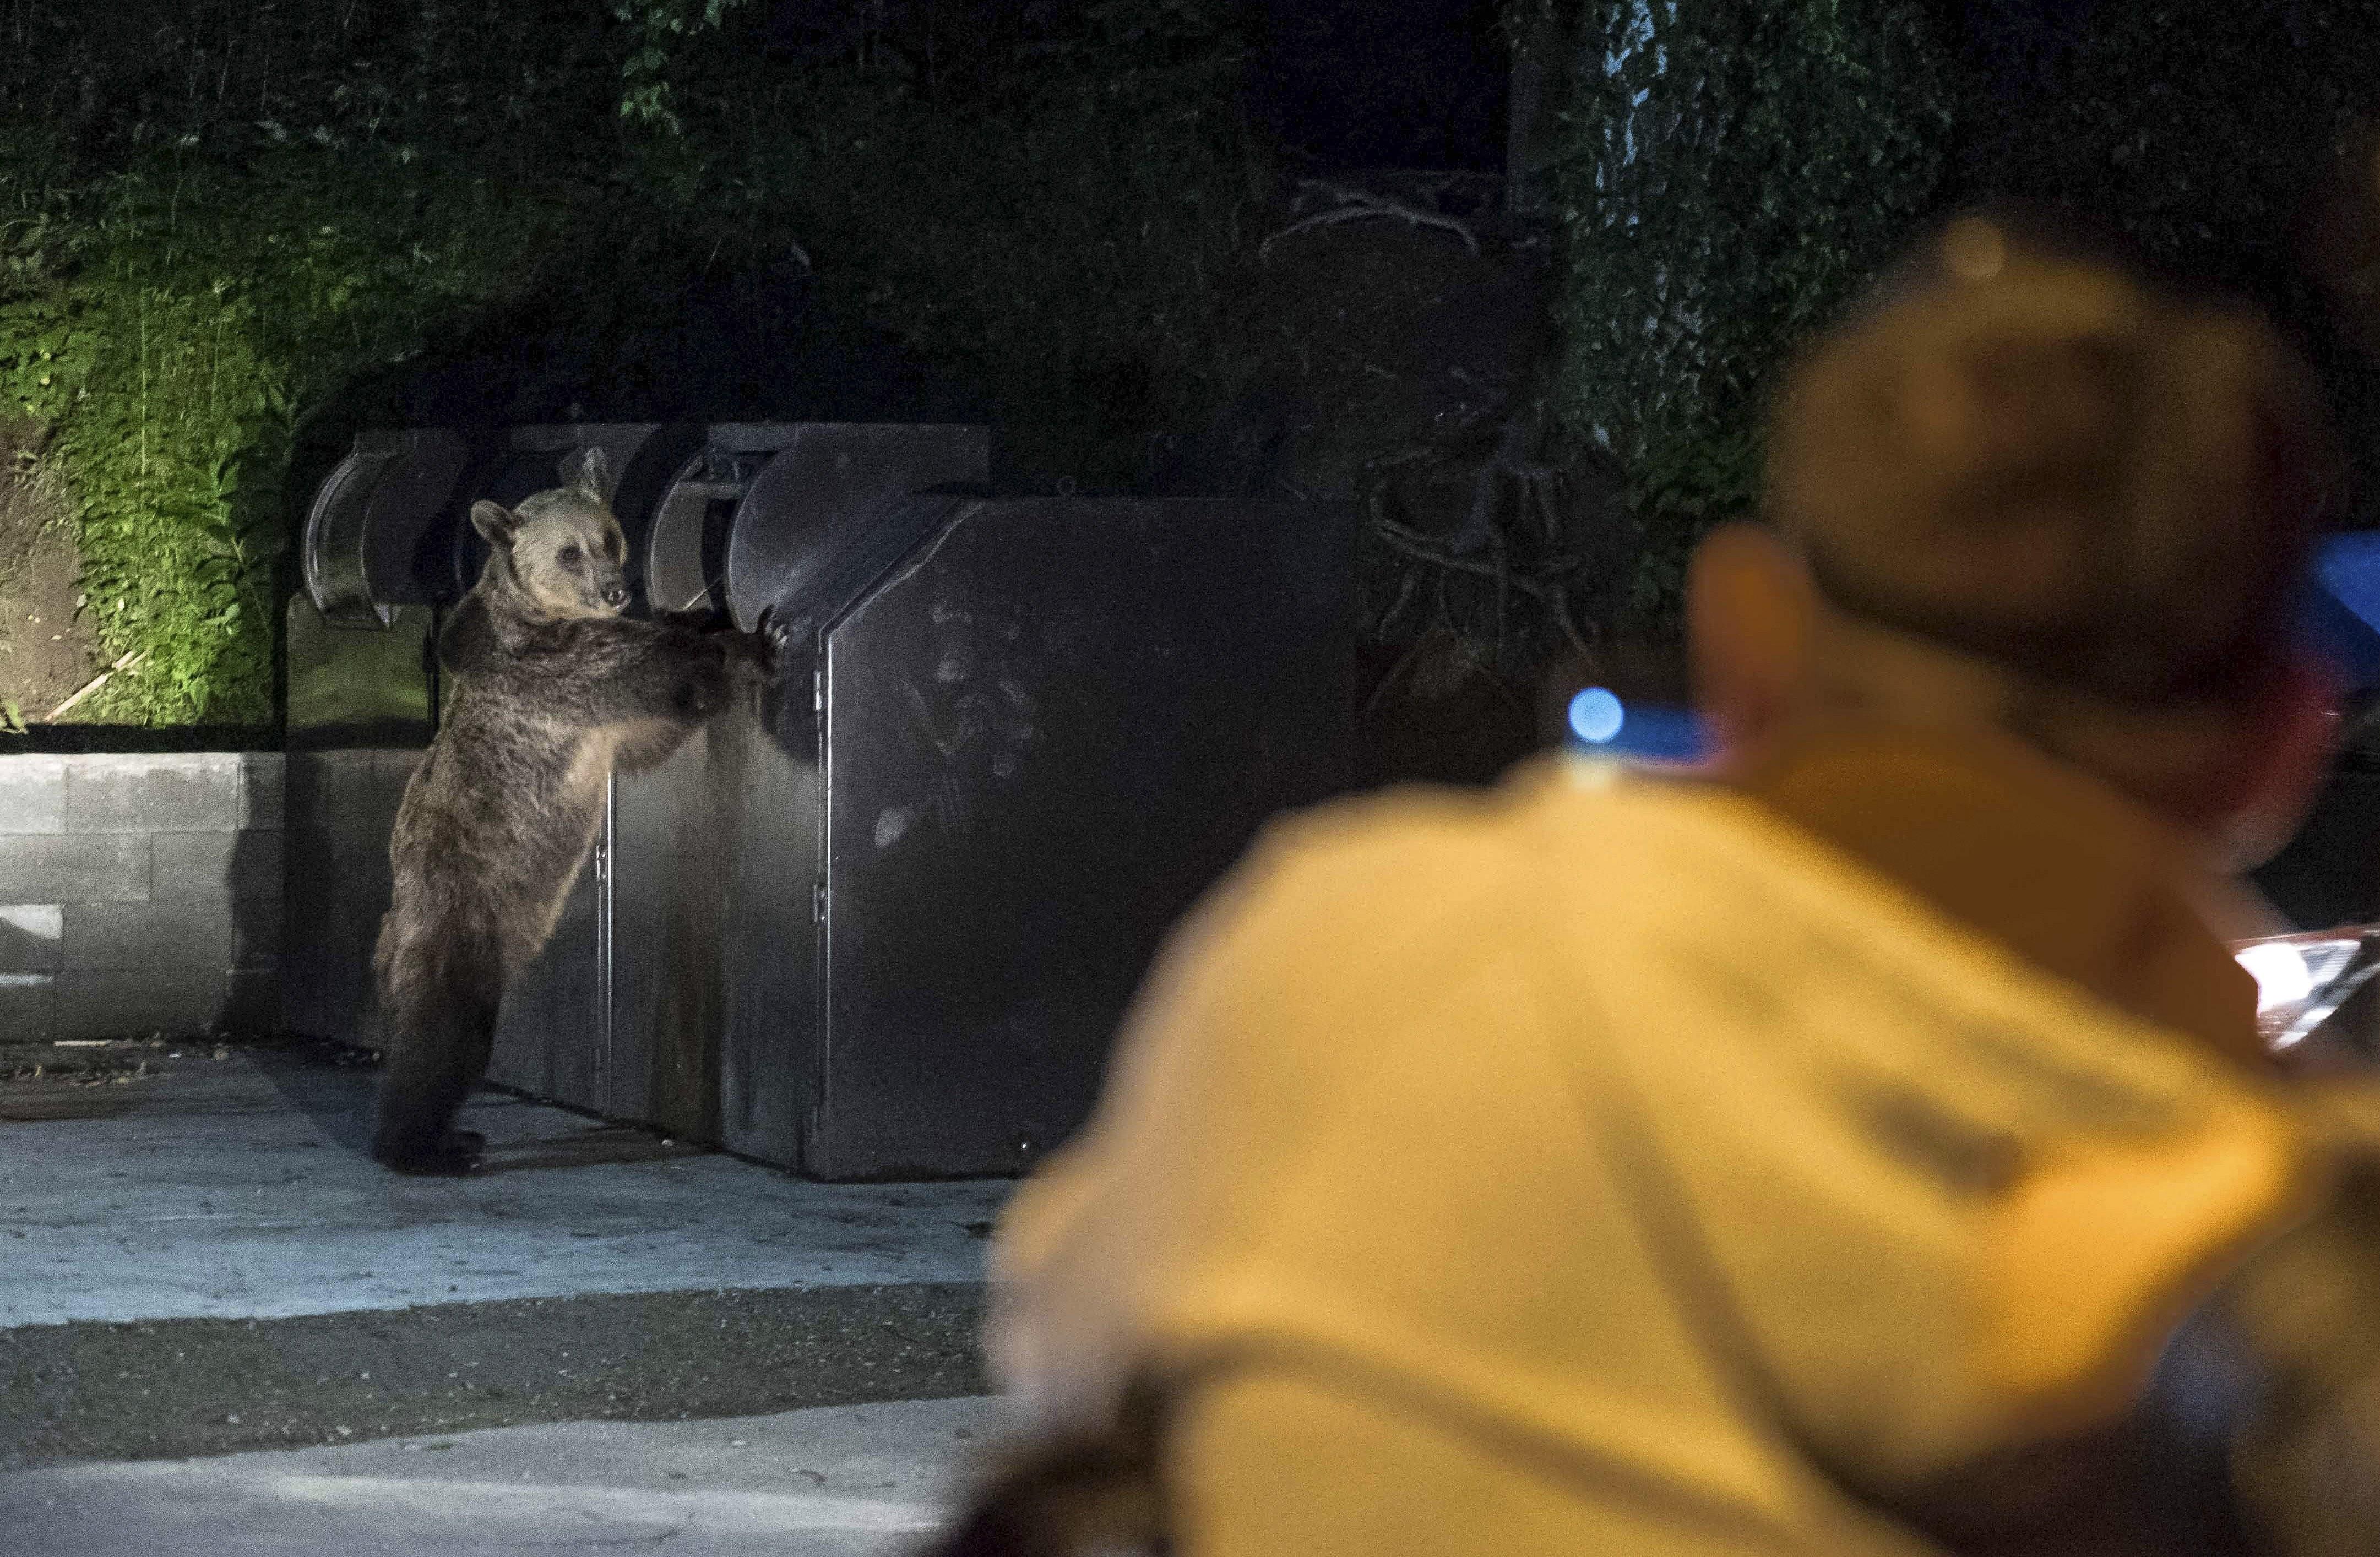 Mit tegyünk és mit ne tegyünk, ha egy kóborló medvével futnánk össze